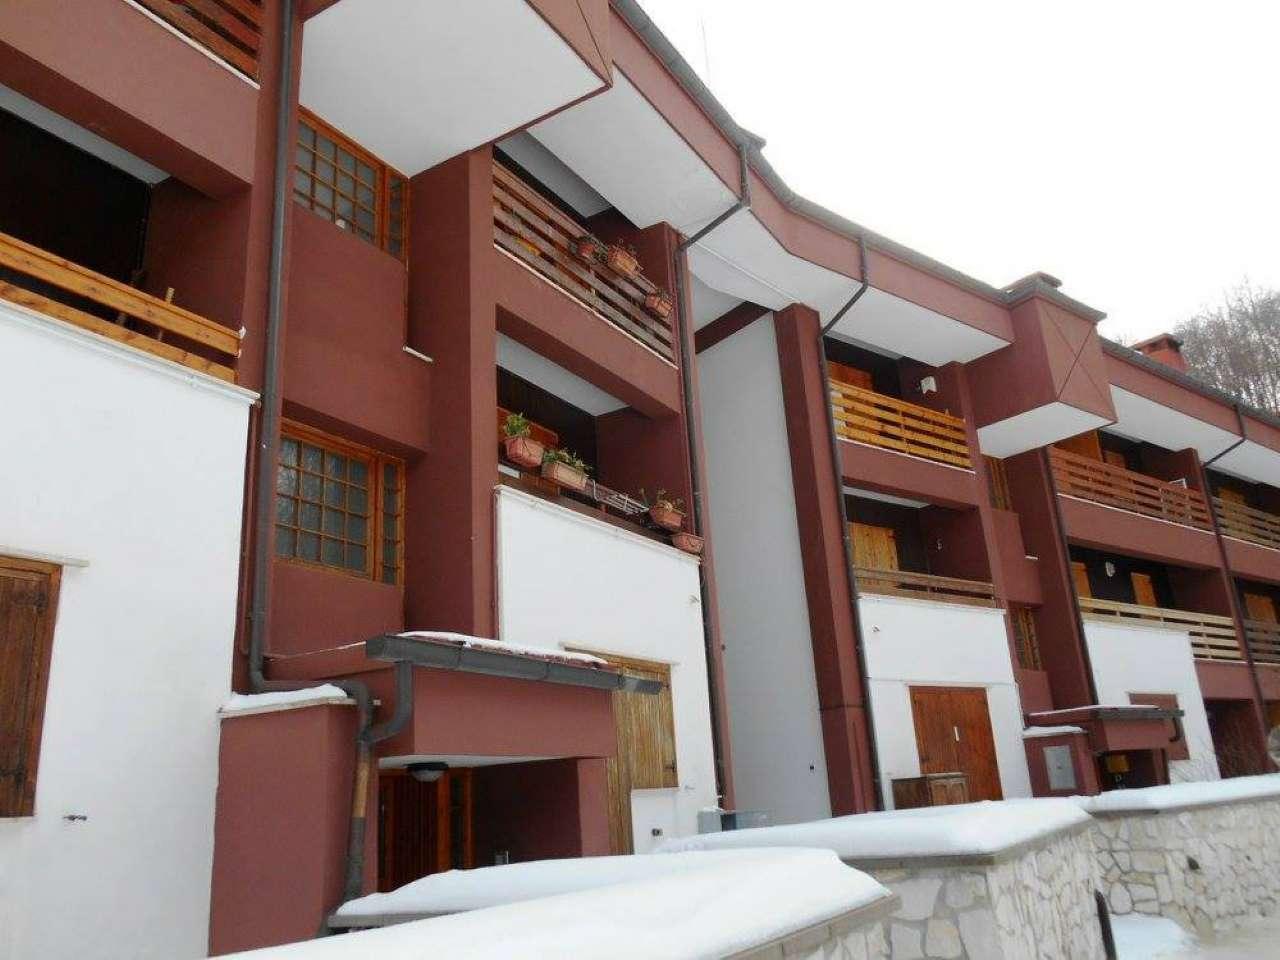 Appartamento in vendita a Cervara di Roma, 4 locali, prezzo € 89.000 | CambioCasa.it